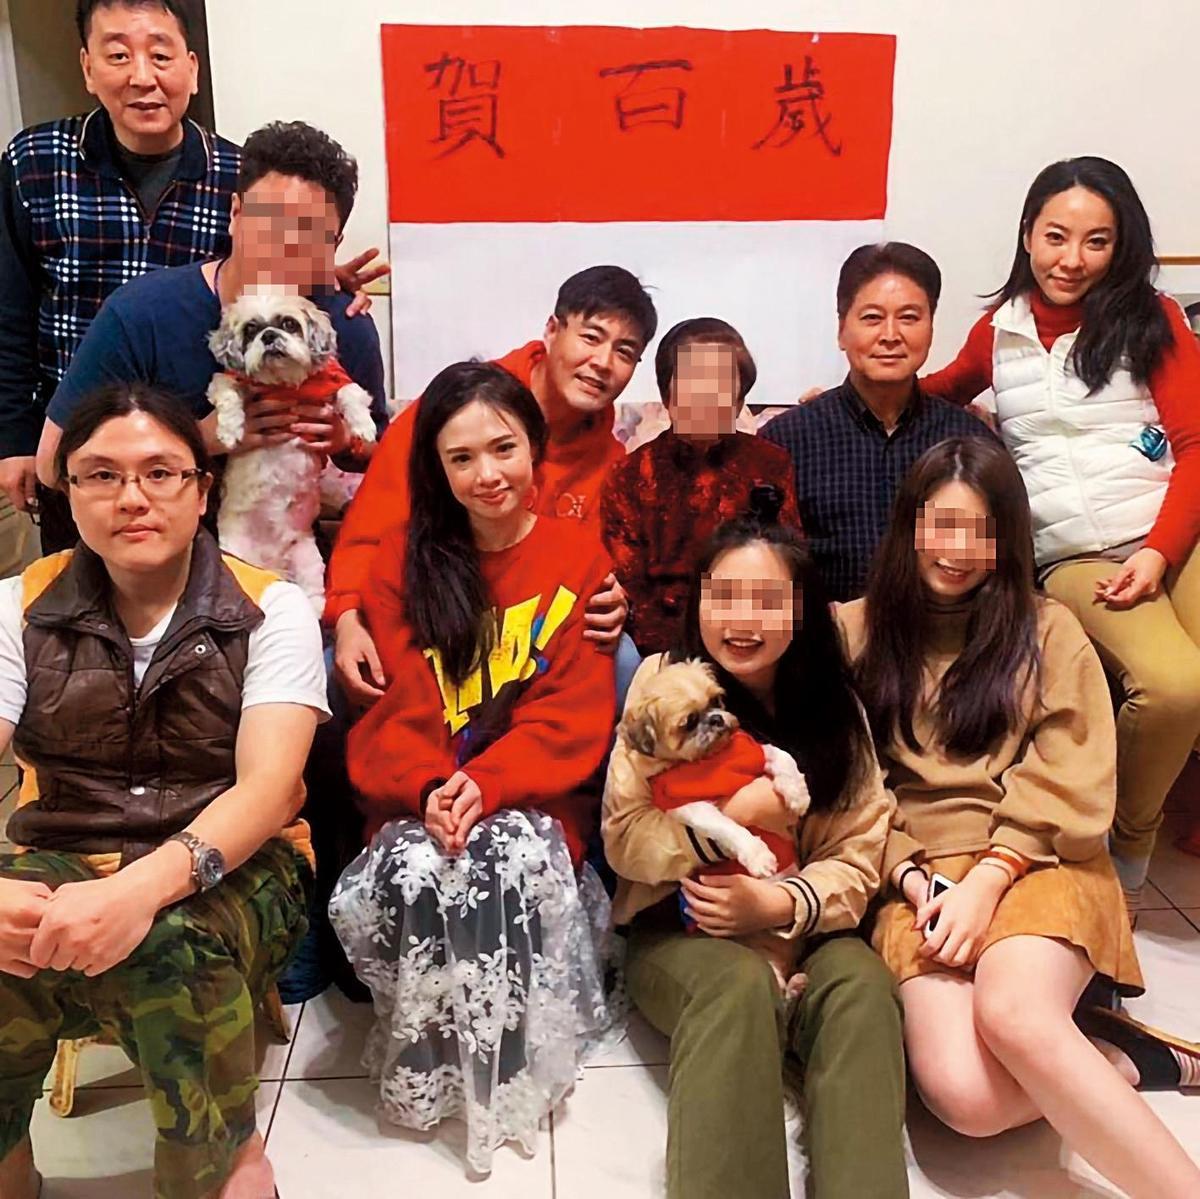 劉至翰和Vivian(前左)離婚後仍有互動,過年時還跟劉至翰探望他奶奶。(翻攝自劉至翰臉書)